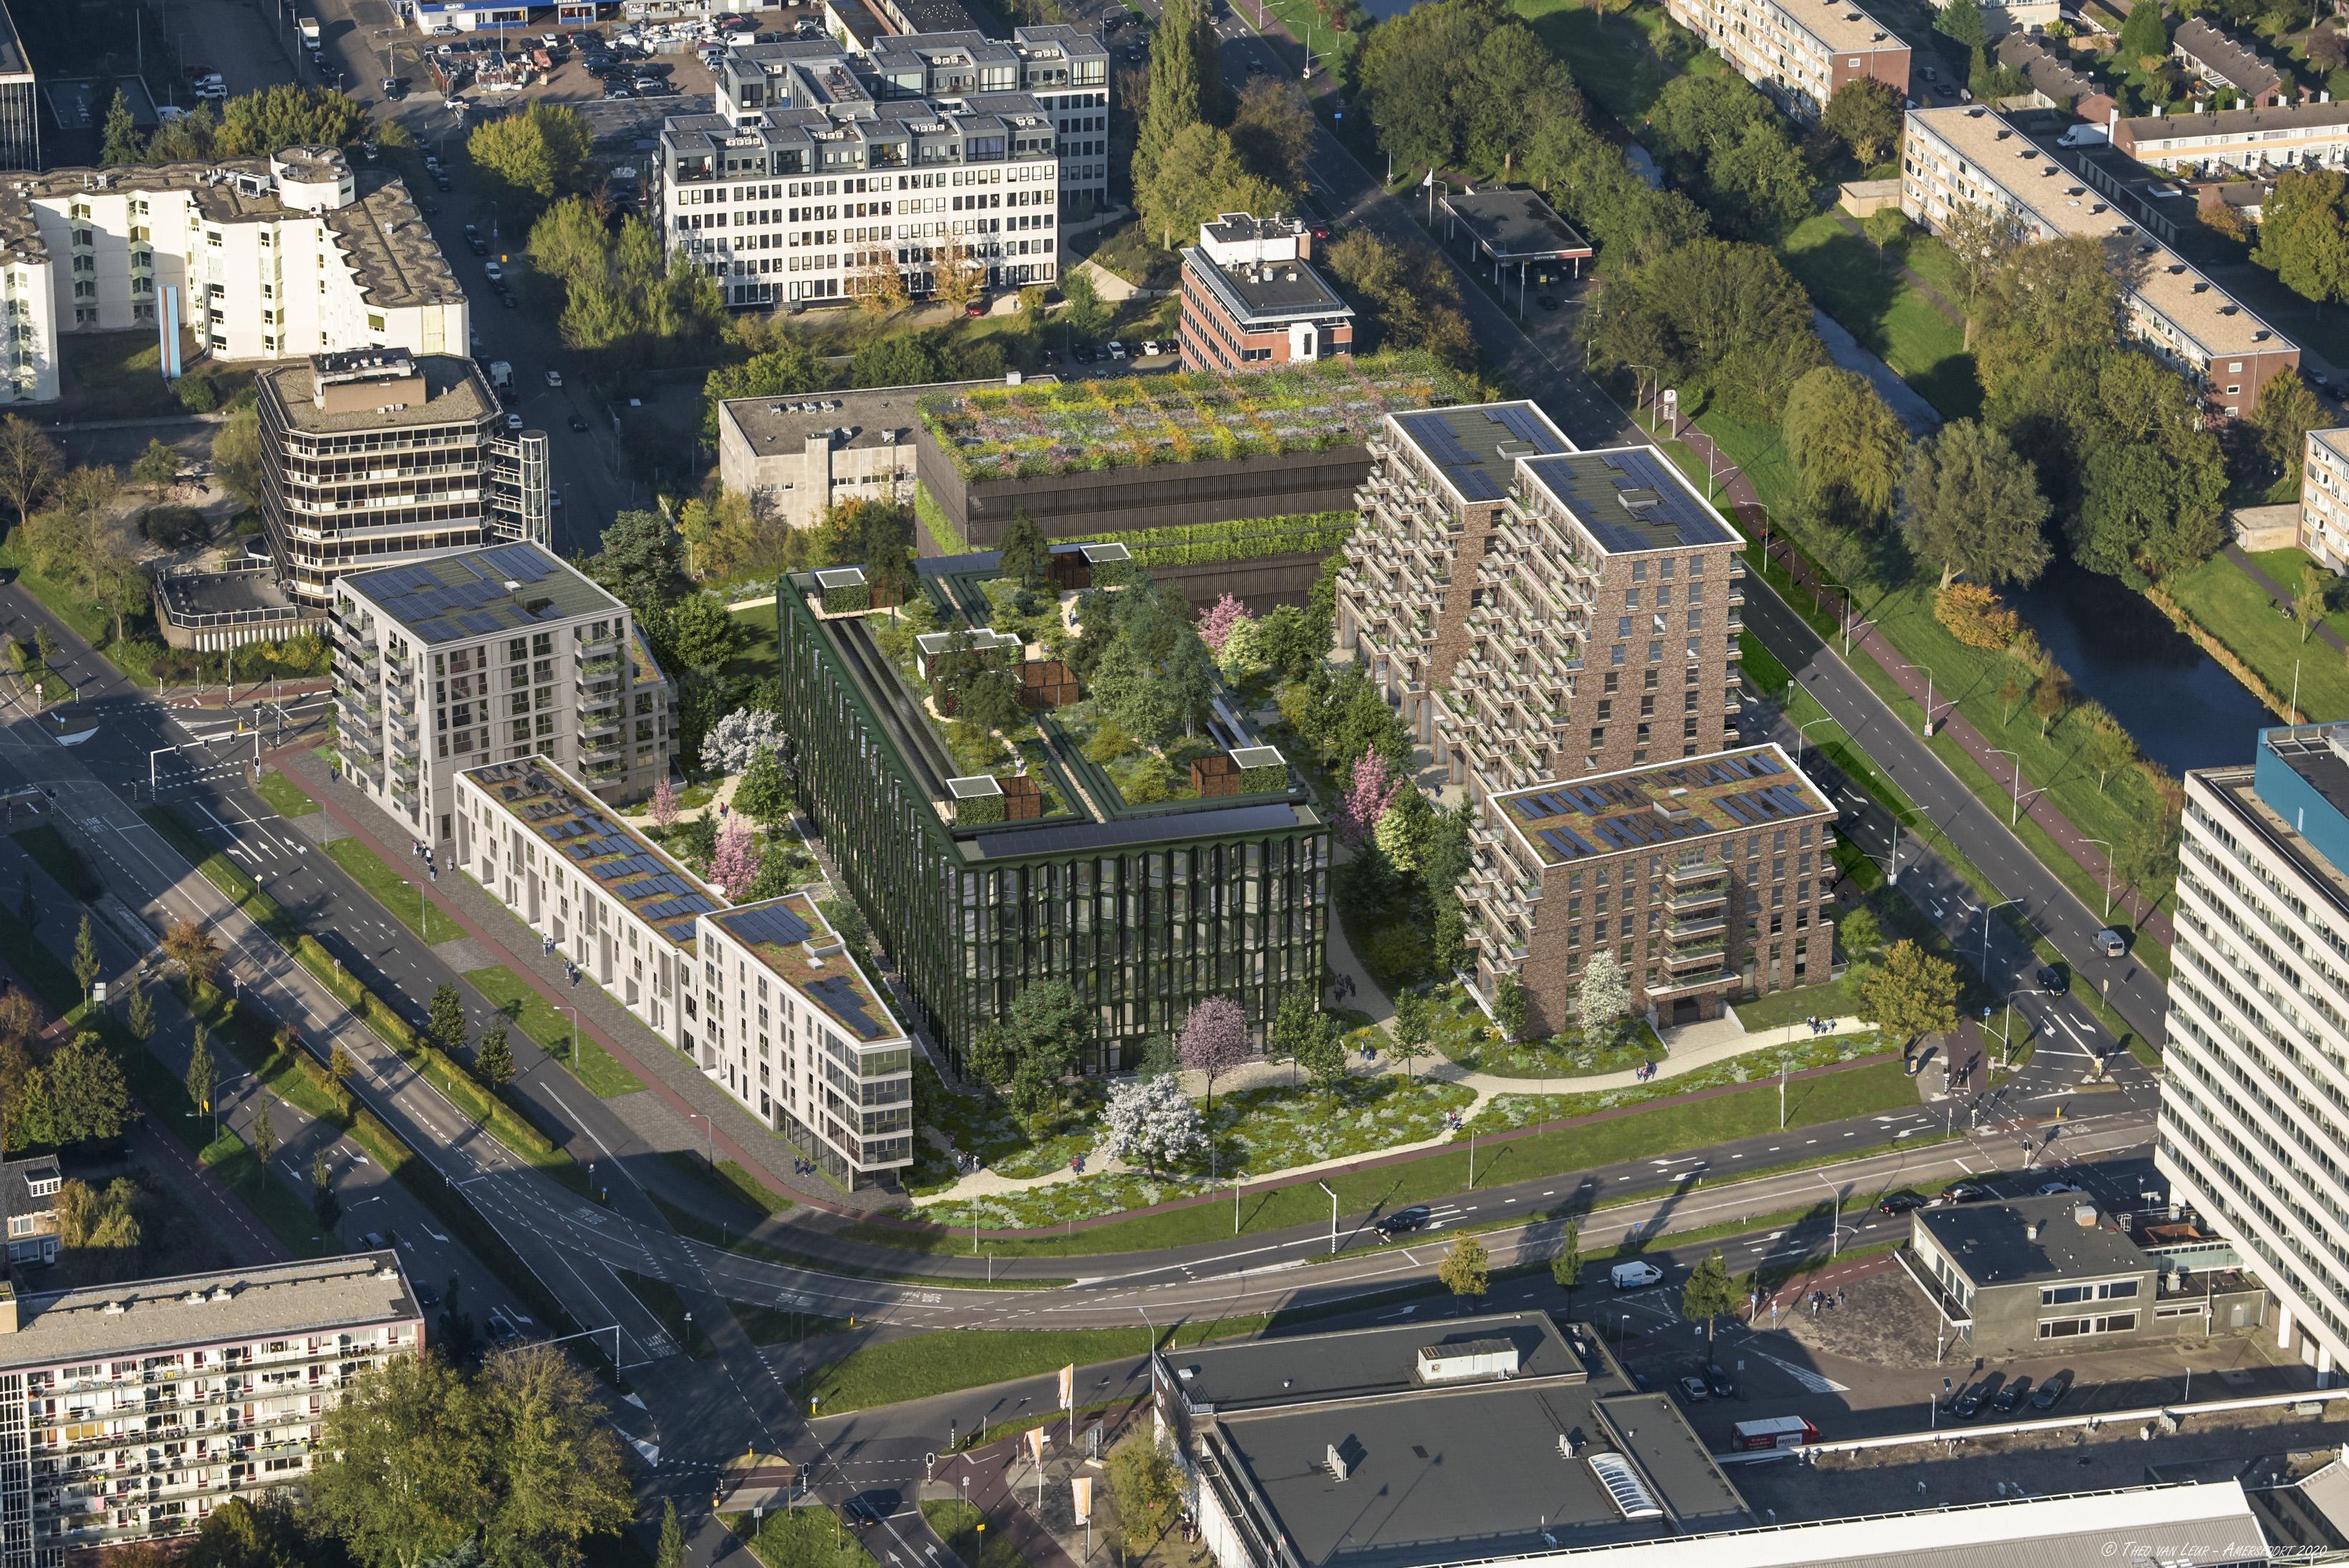 Verkoop van nieuwe woningen in voormalig Fluor-kantoor in Haarlem begonnen. Schalkwijk Midden verandert snel van uiterlijk